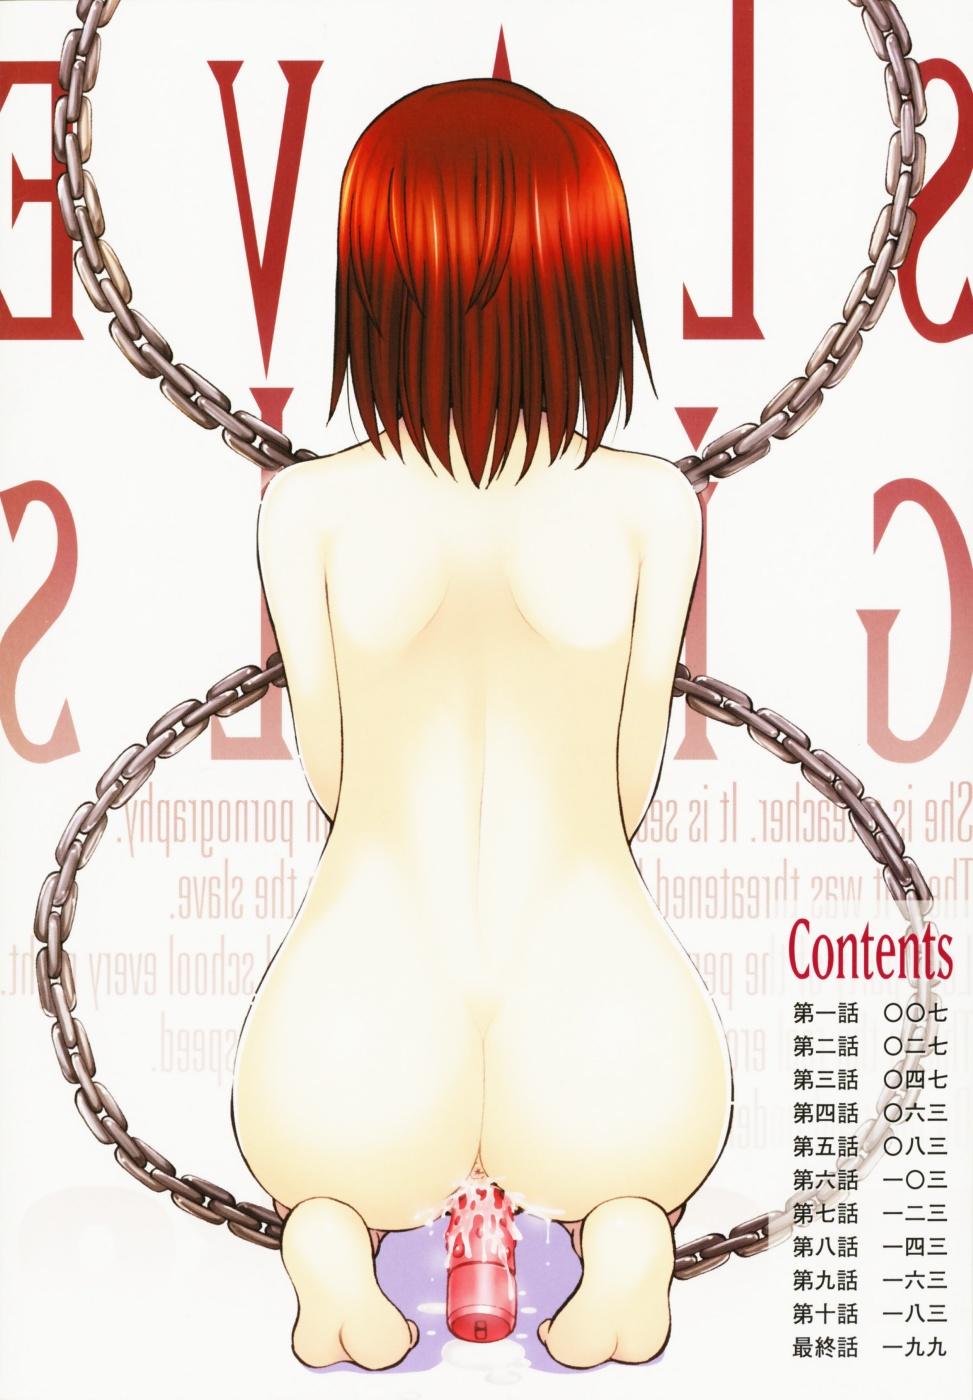 comic porno esclavas sexuales